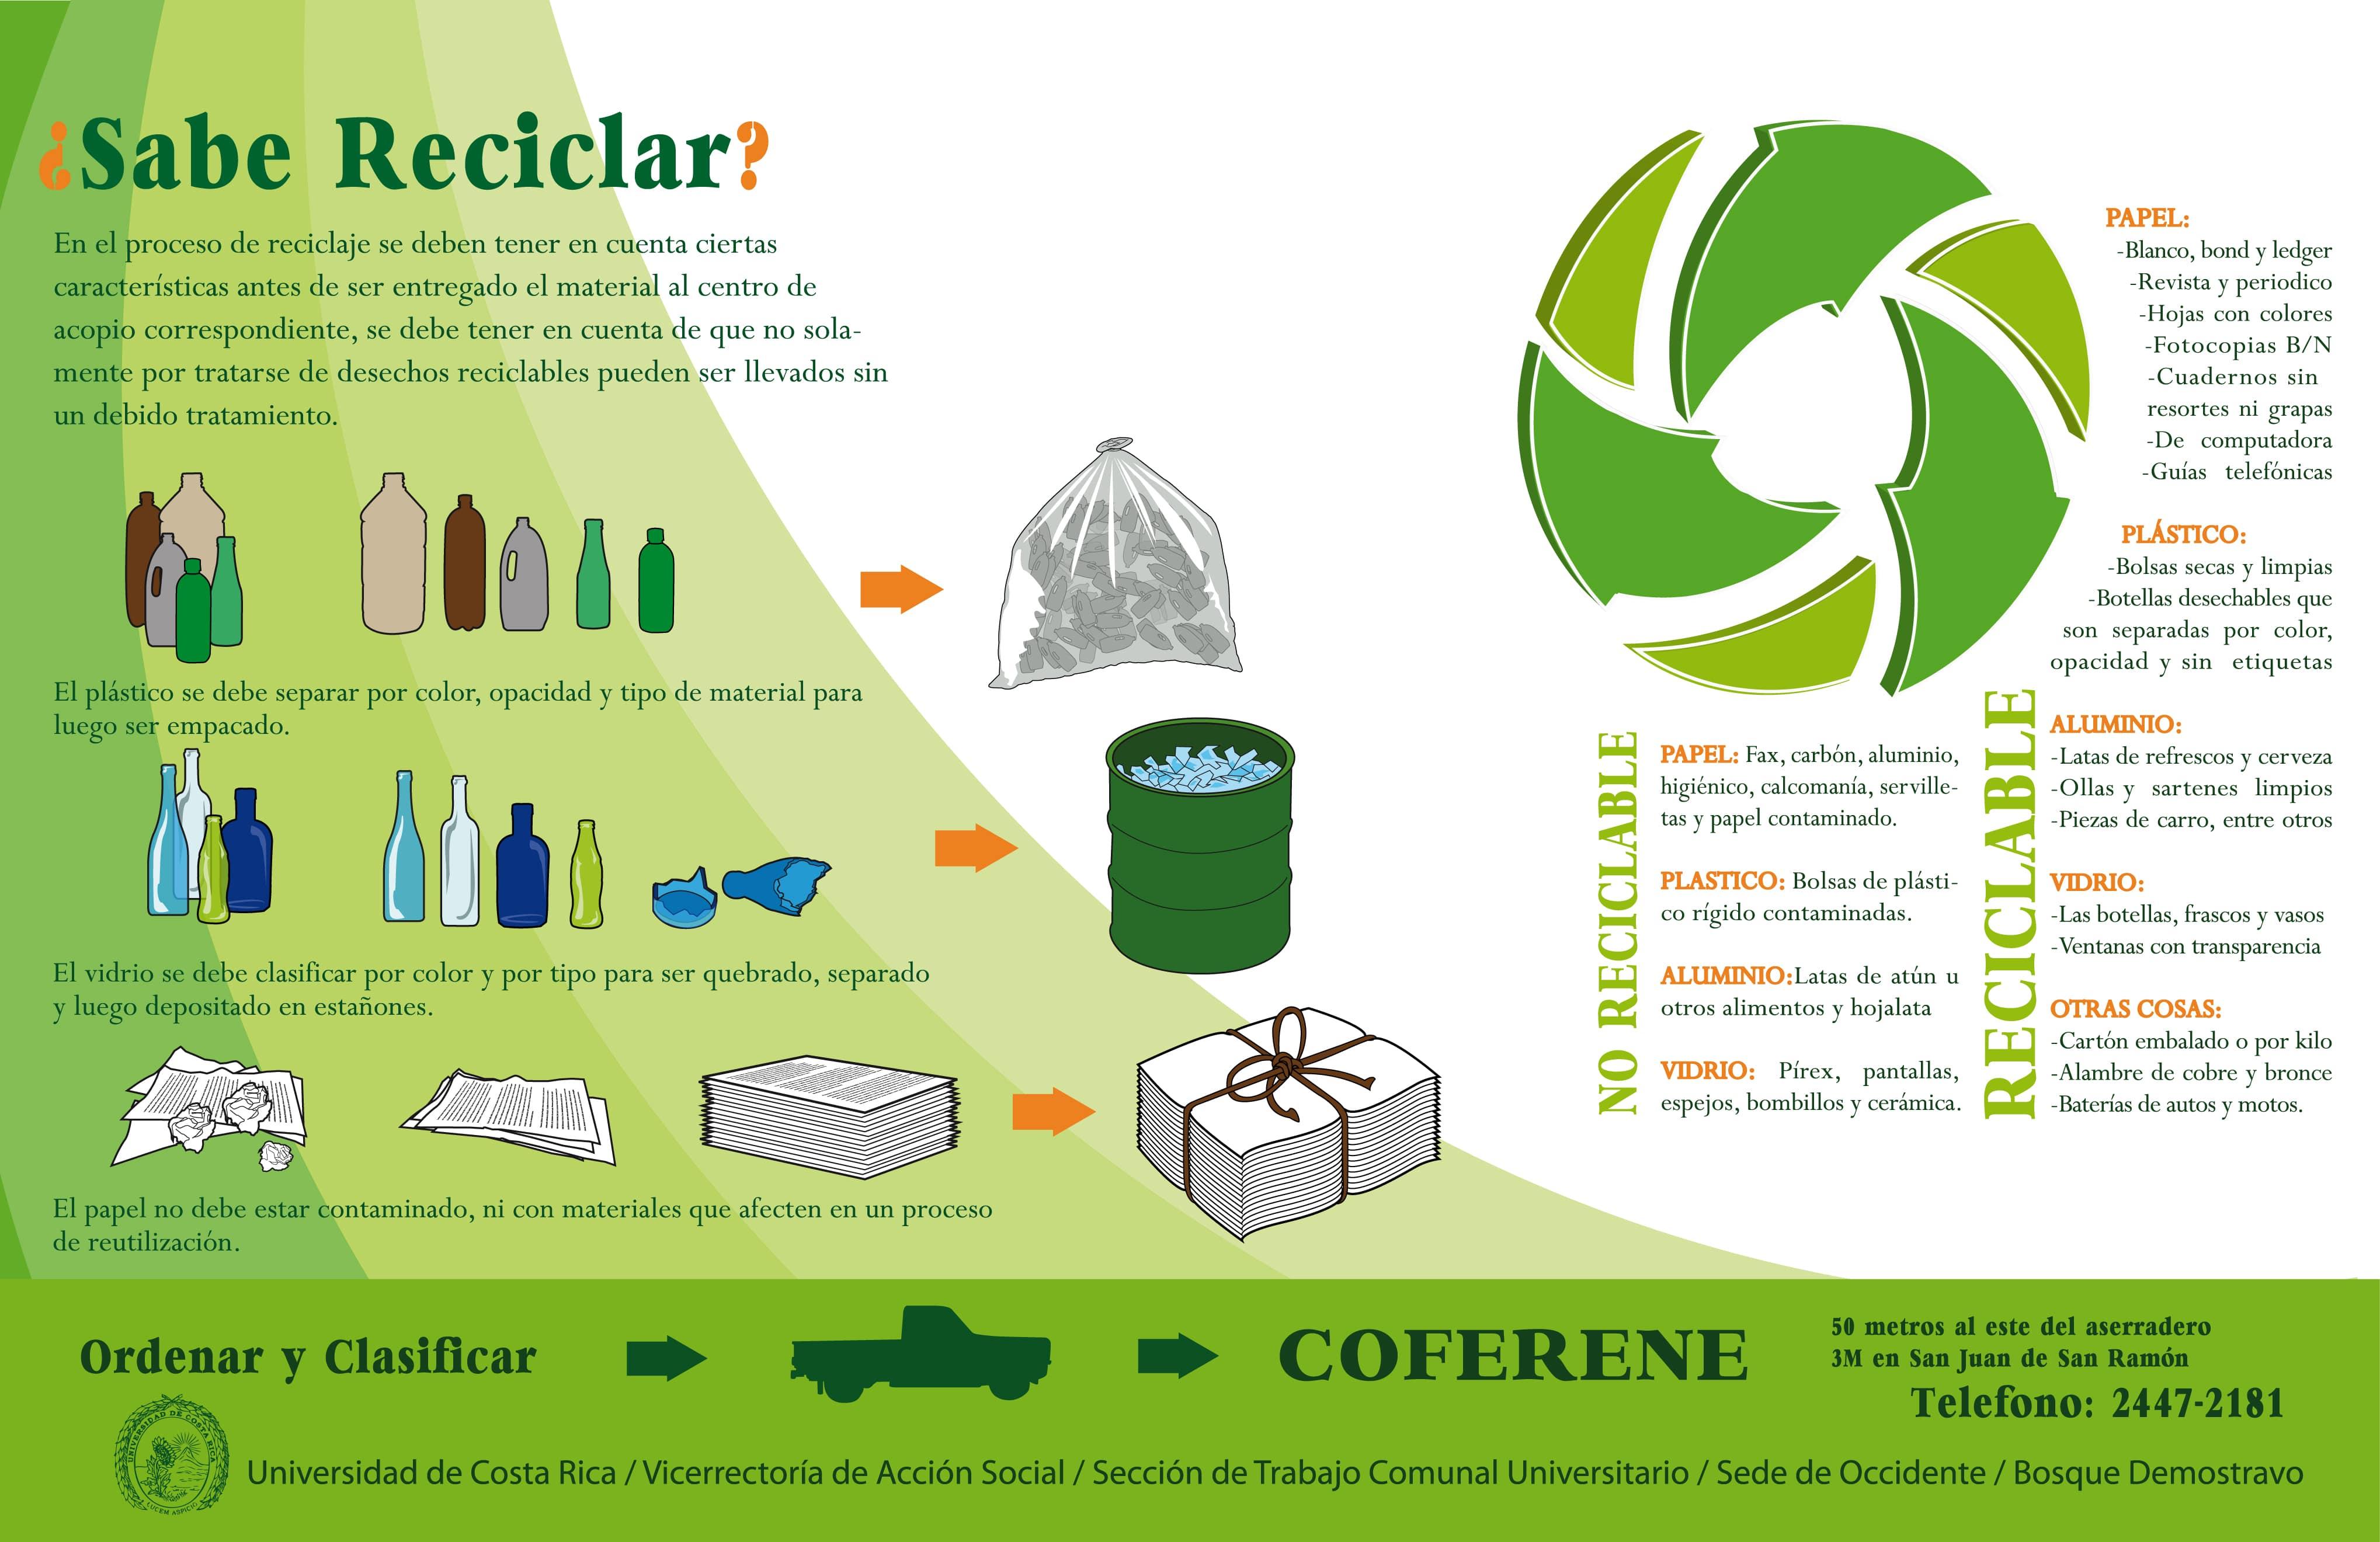 sabe reciclar